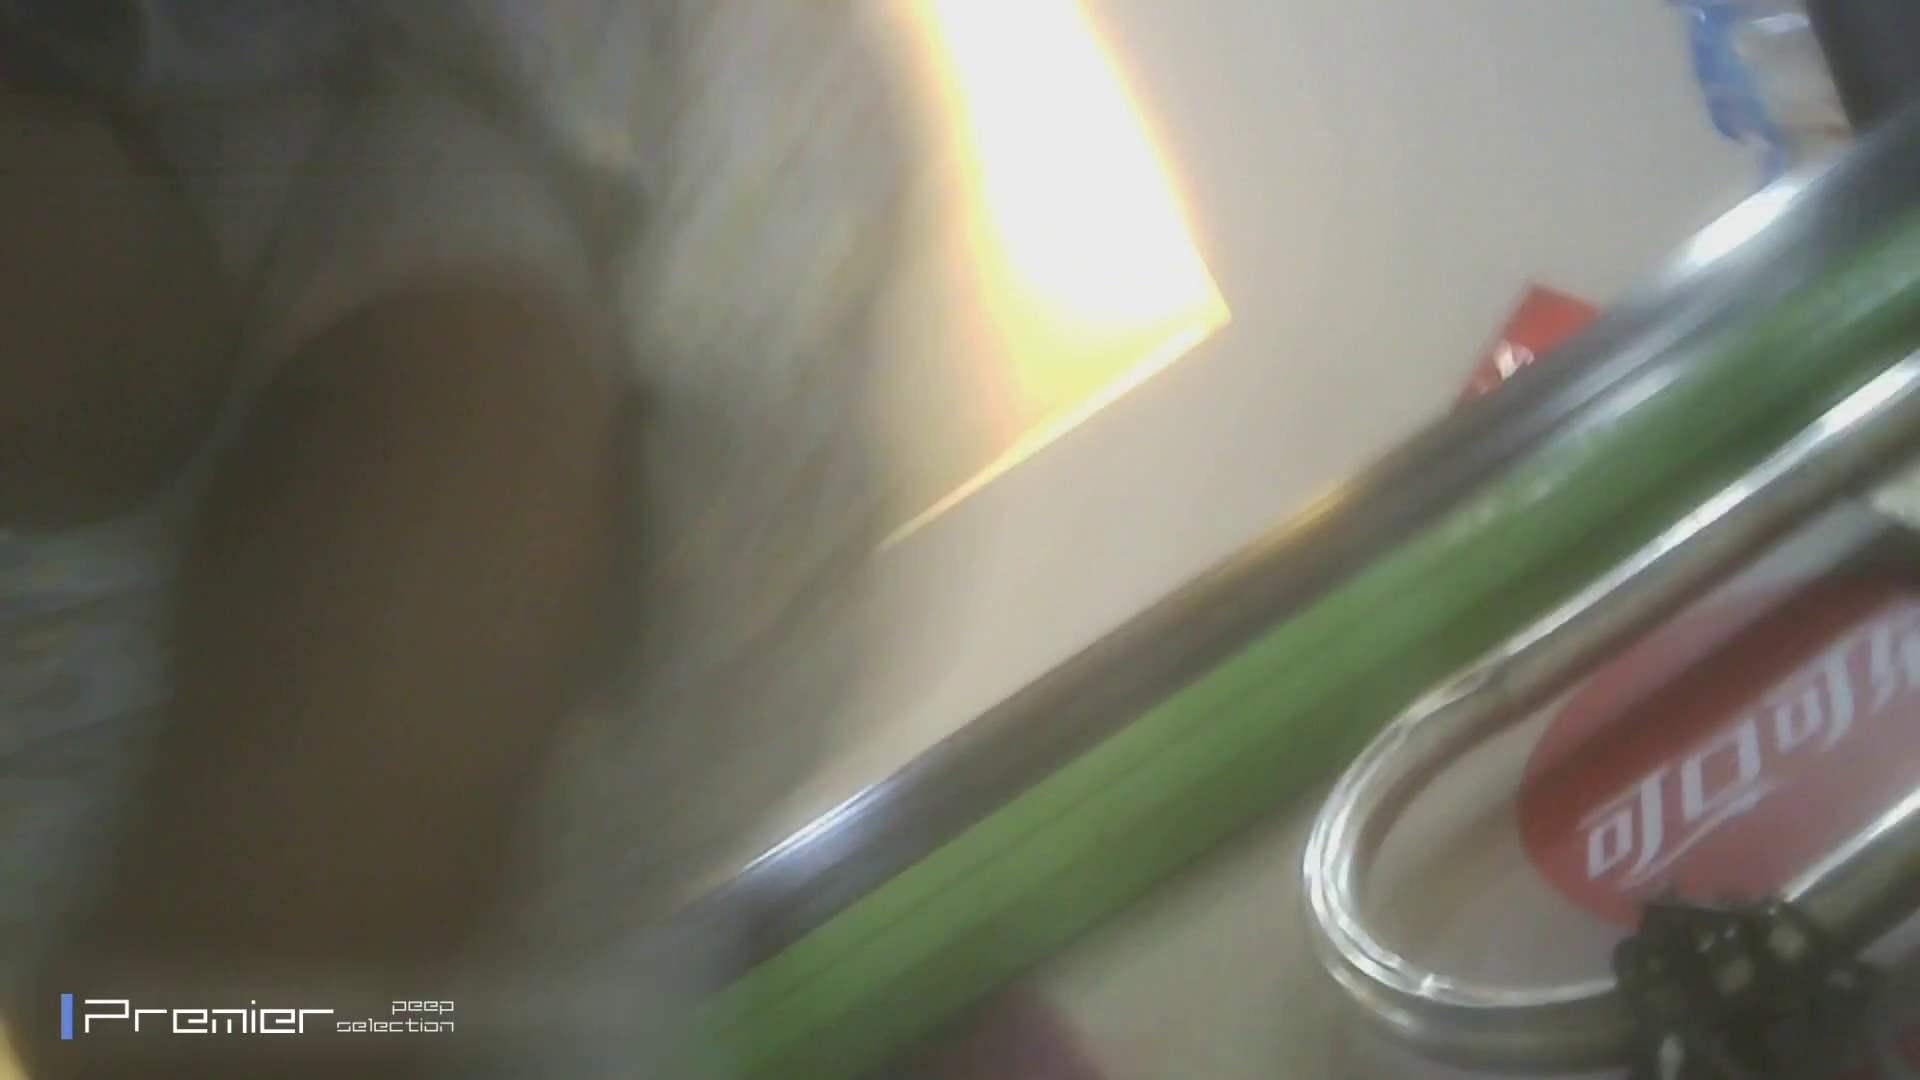 ギャルのパンチラ 美女の痴態に密着!Vol.16 美肌 アダルト動画キャプチャ 60画像 16